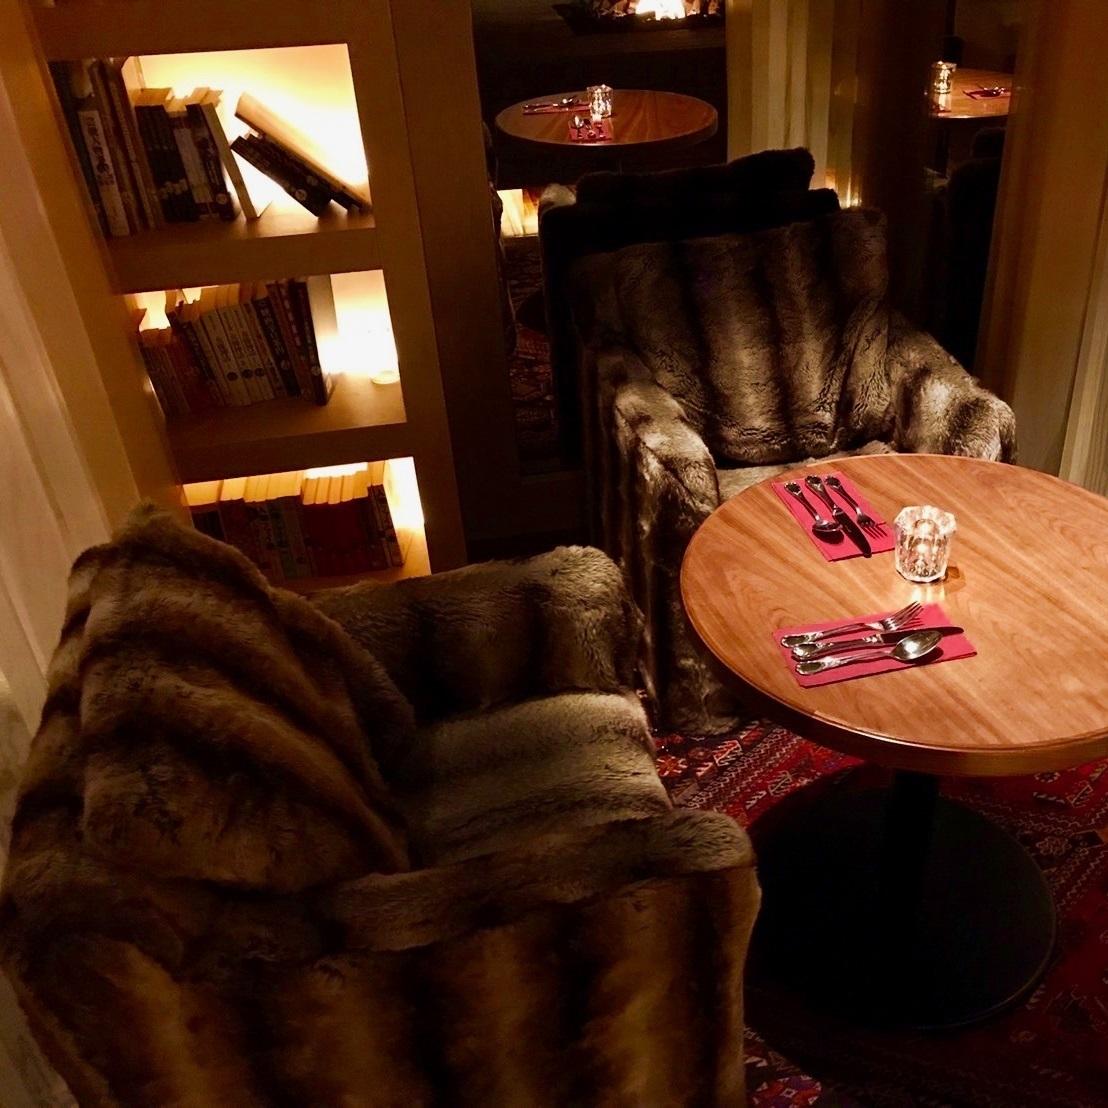 【沙发座椅和半私人房间★客厅】